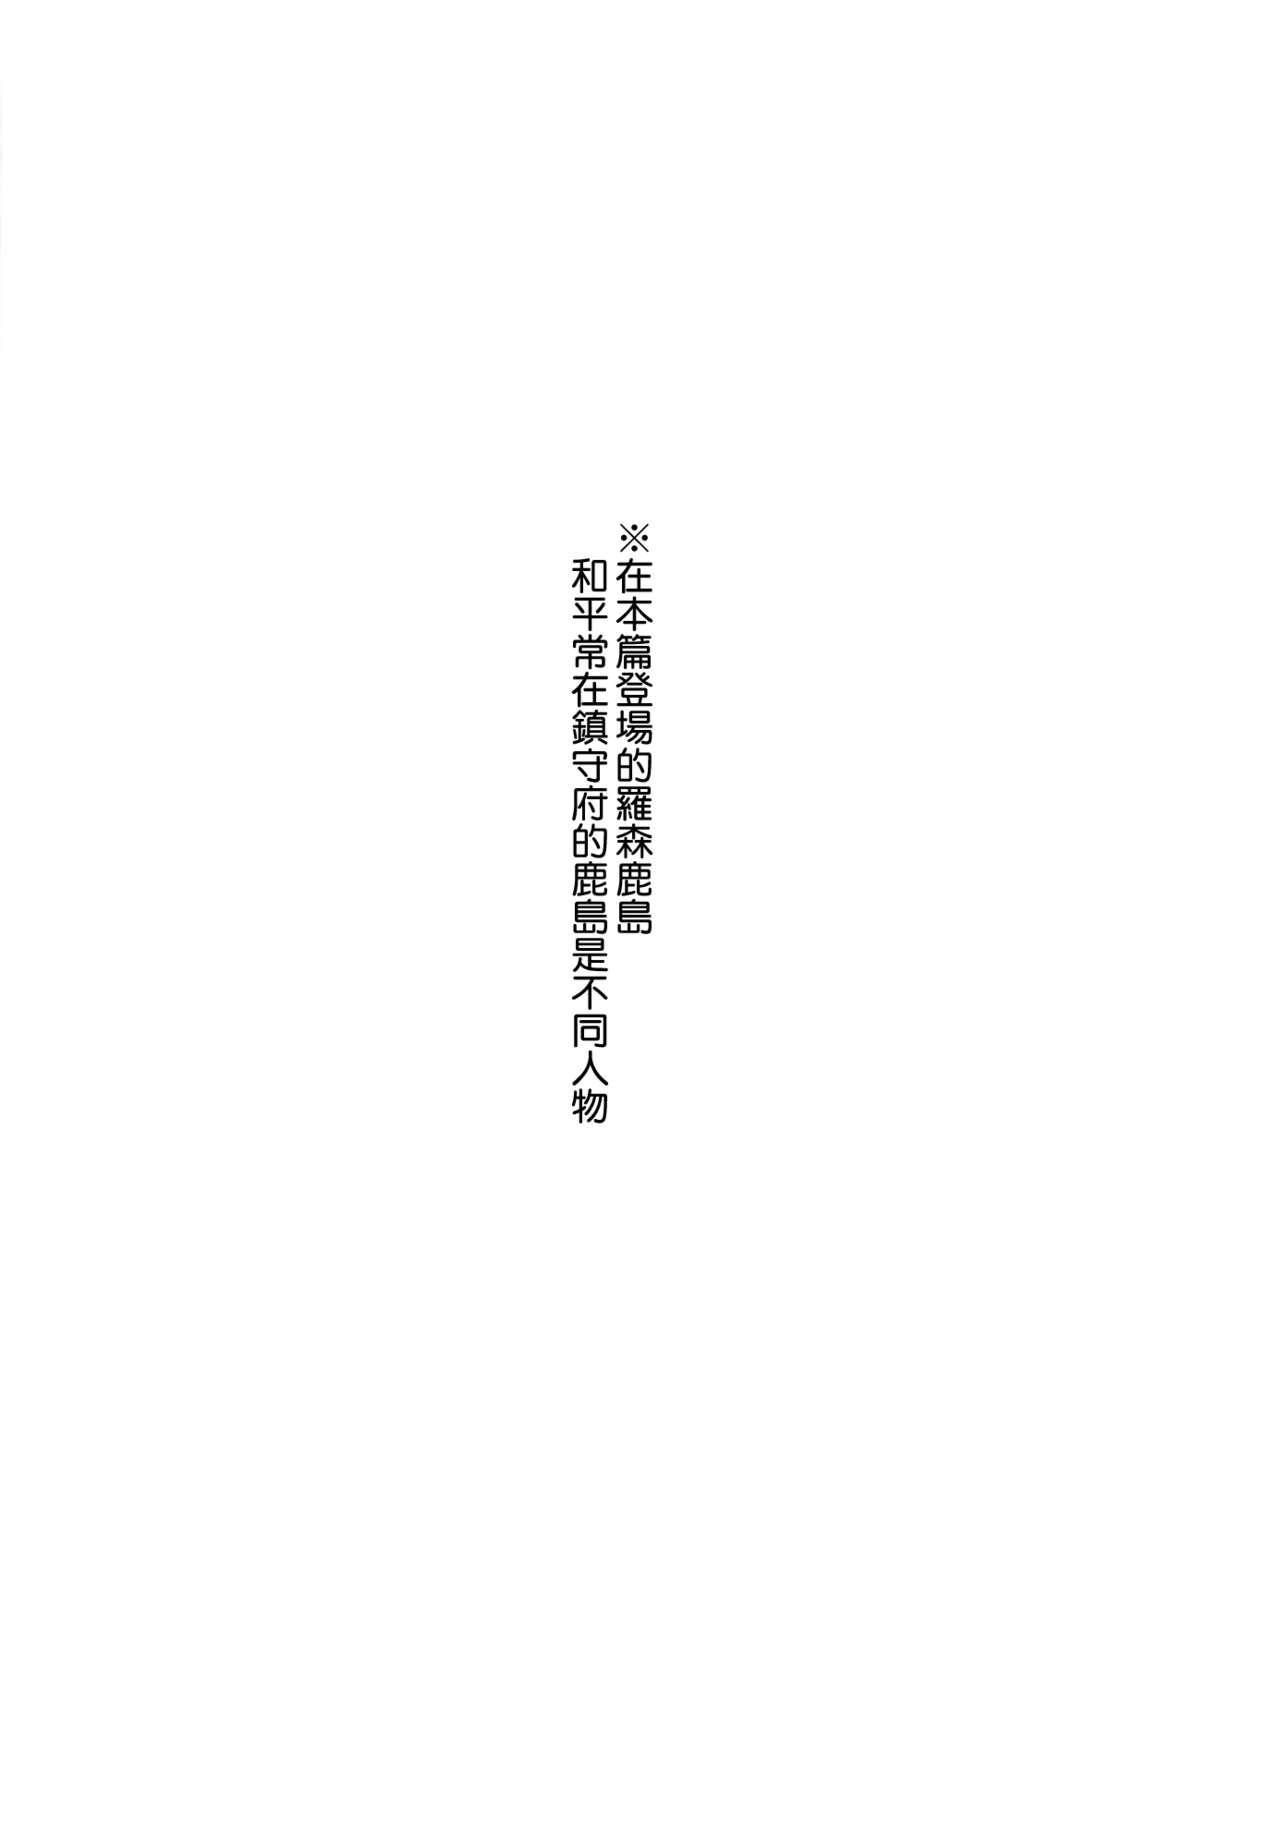 Shinya no Lawson de Kashima to Ikenaikoto Shimasenka 3